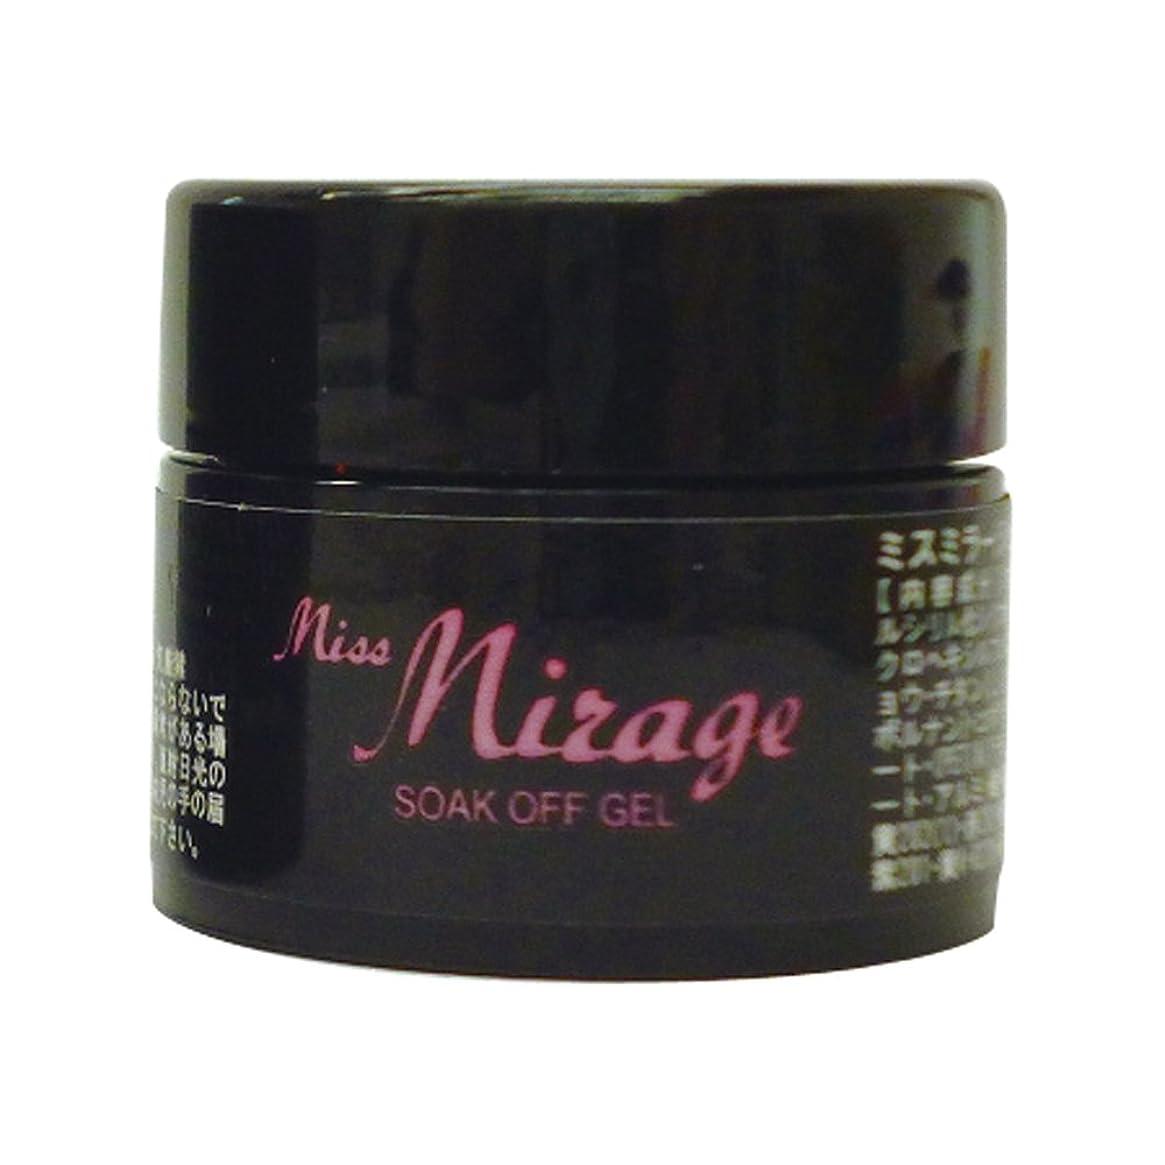 しっとり美容師レンドミスミラージュ ソークオフジェル NNO3S  2.5g マット UV/LED対応 カラージェル ソークオフジェル